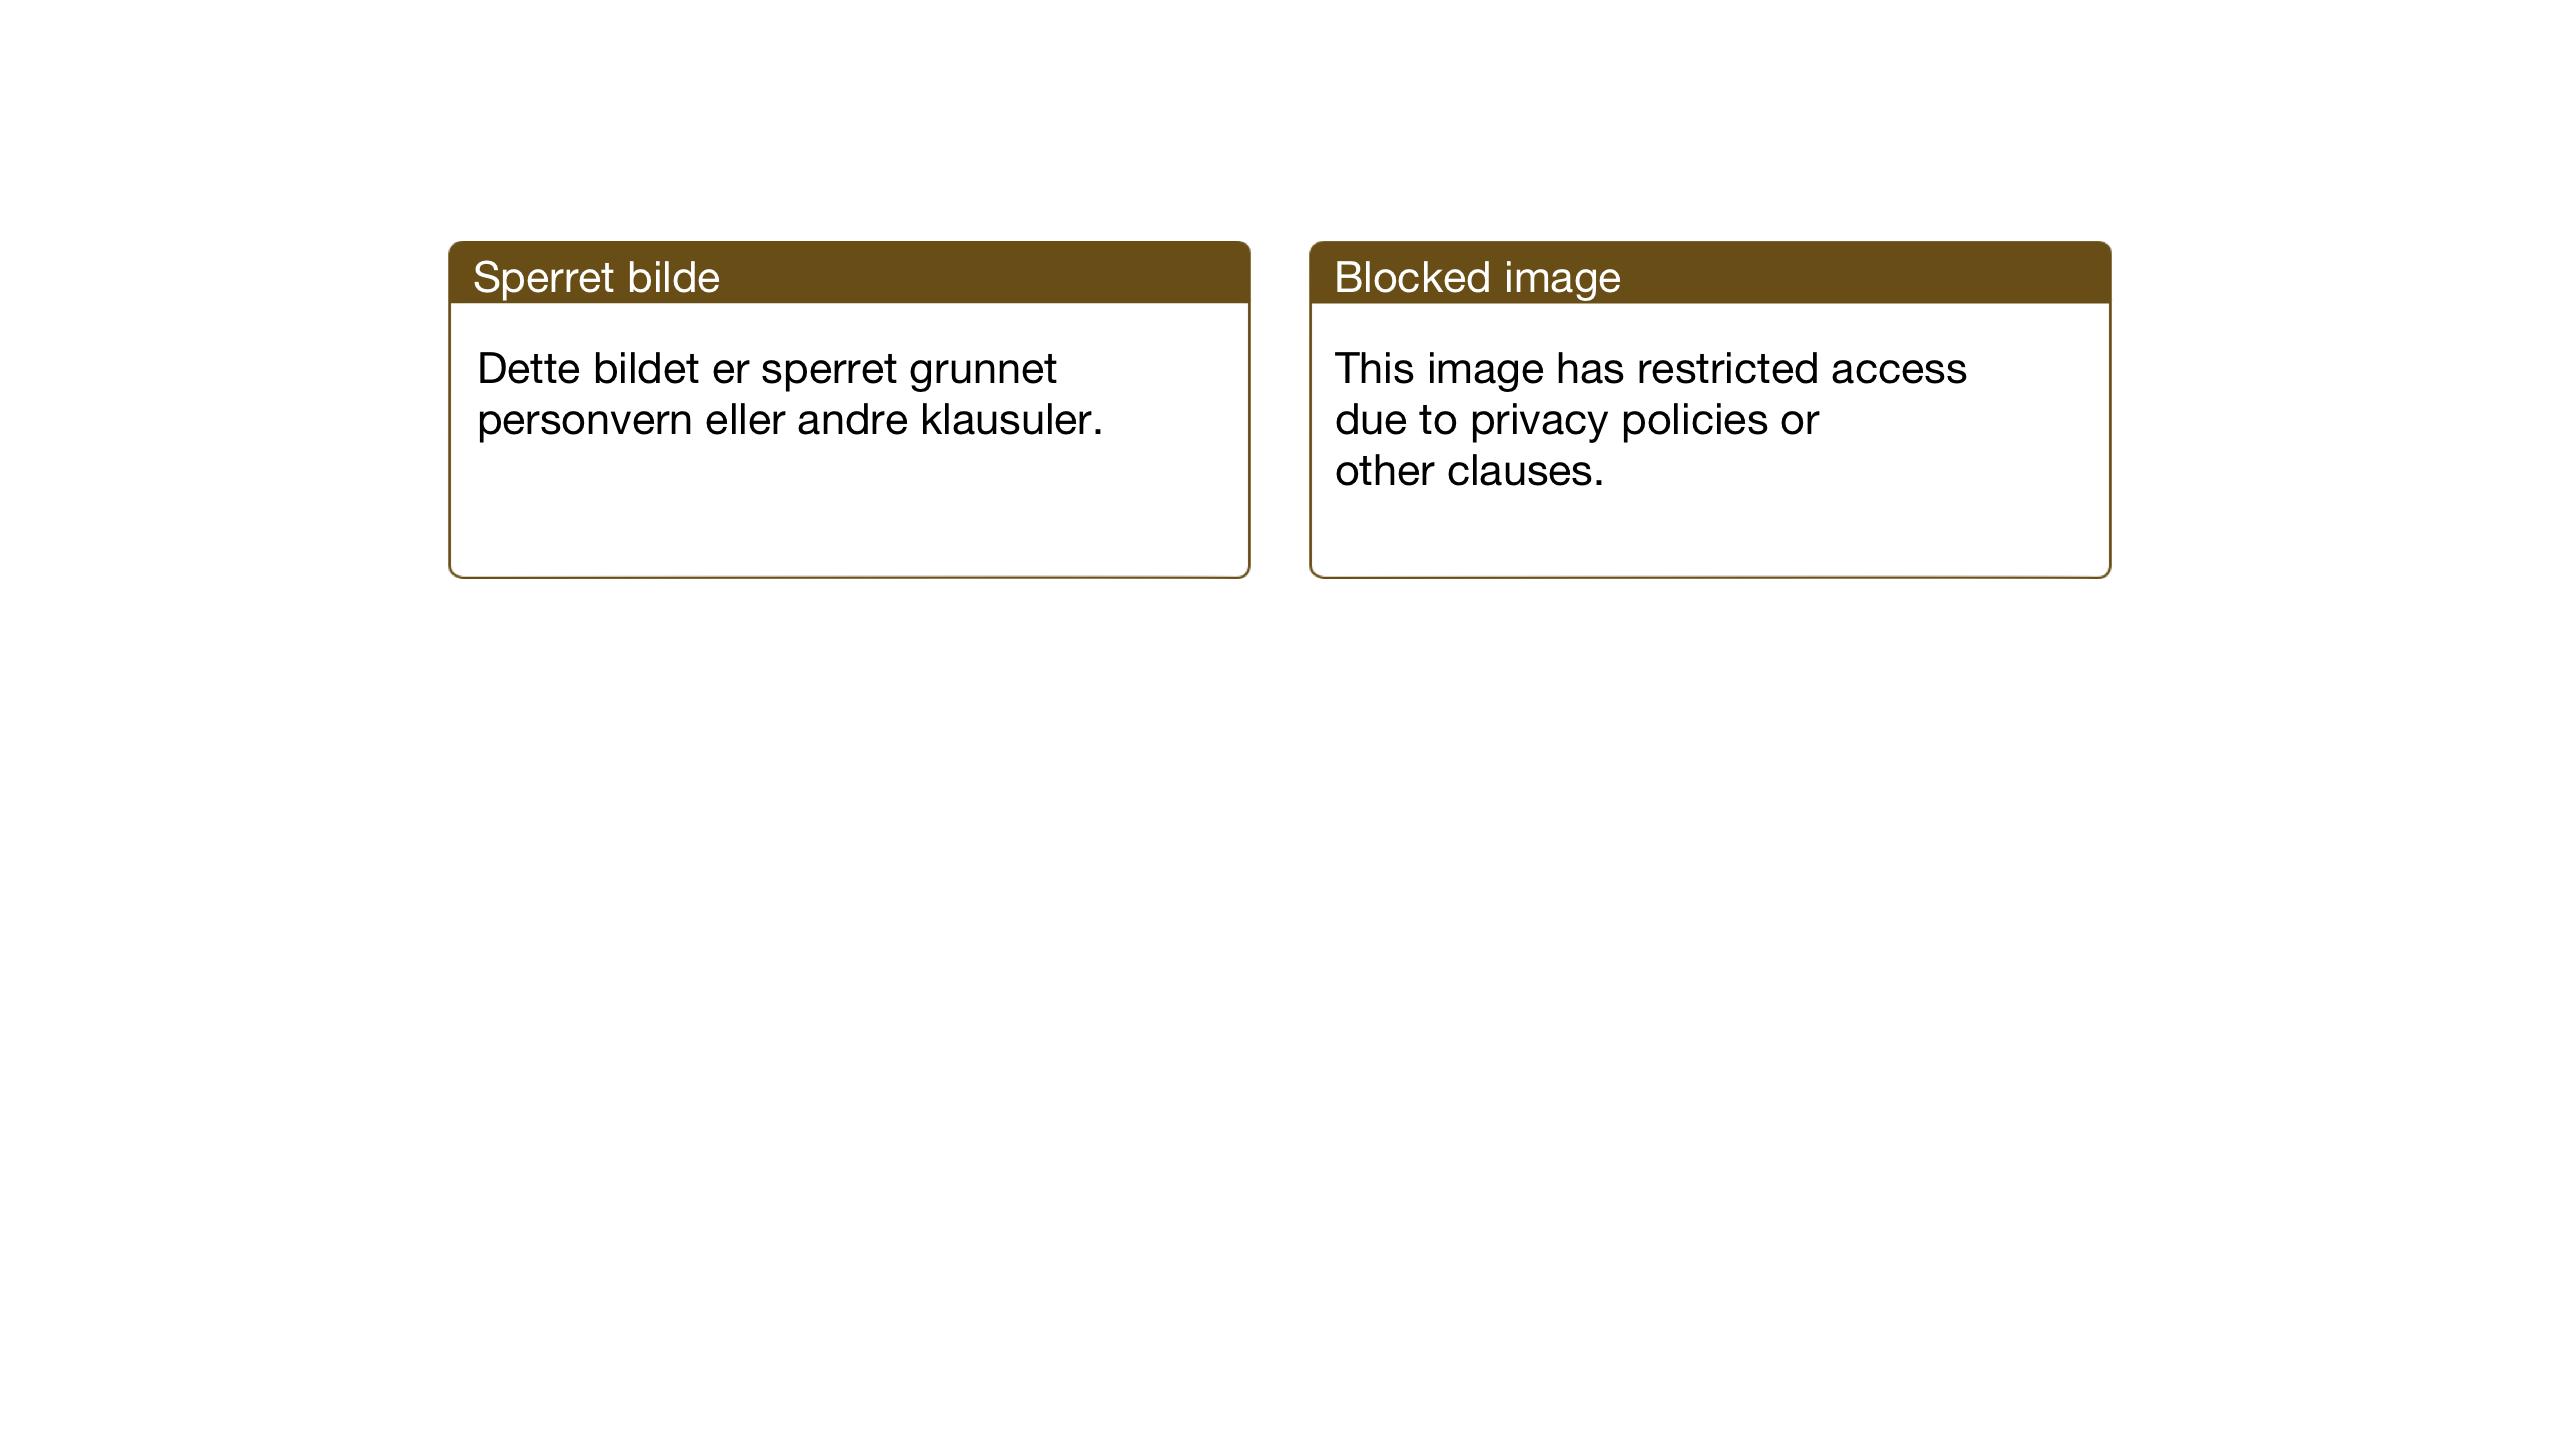 SAT, Ministerialprotokoller, klokkerbøker og fødselsregistre - Sør-Trøndelag, 695/L1158: Klokkerbok nr. 695C09, 1913-1940, s. 104